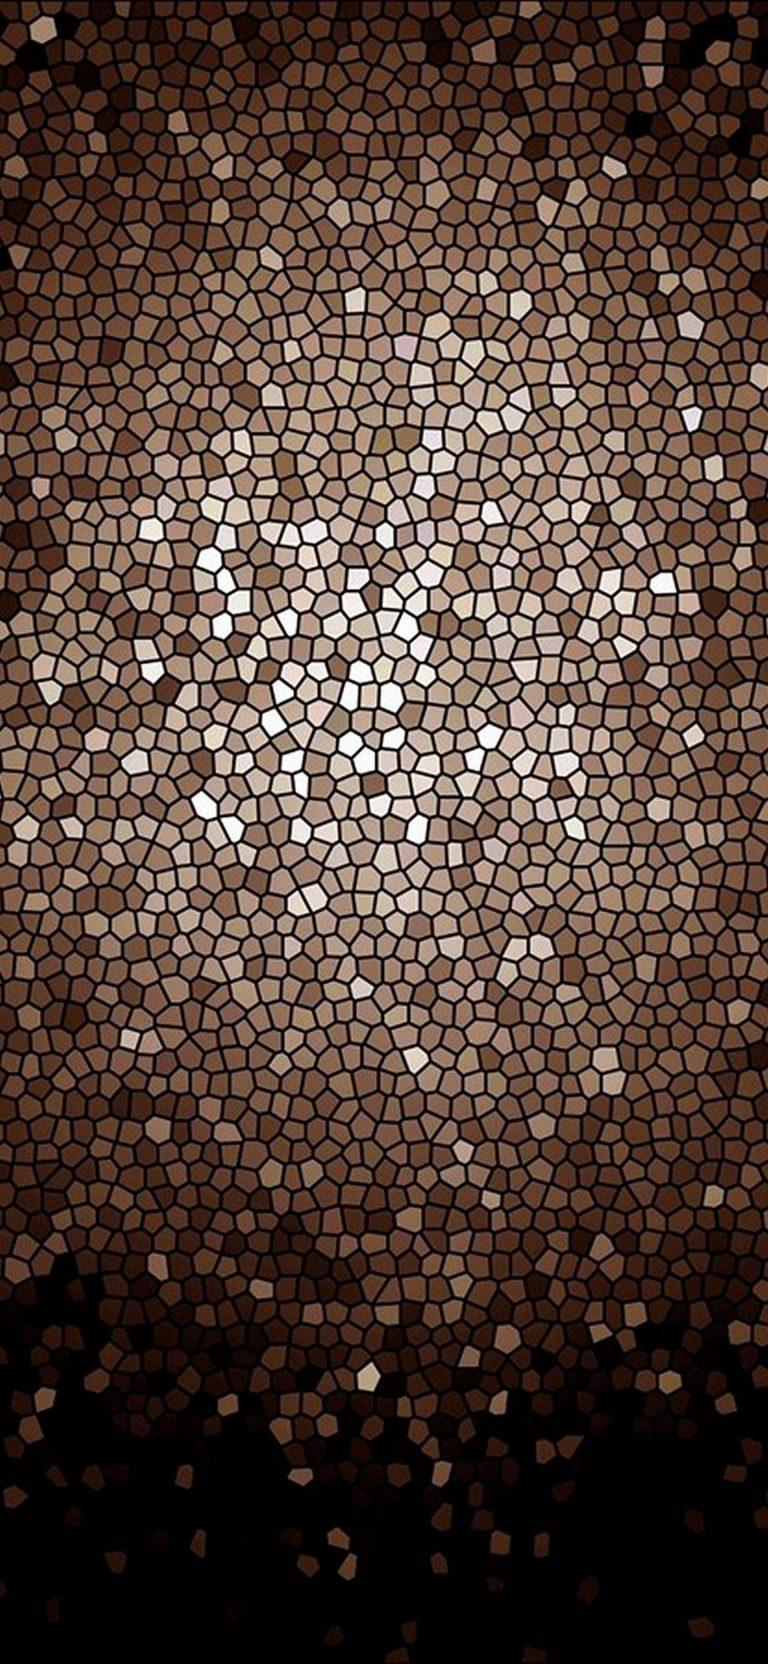 1440x3120 Wallpaper 006 768x1664